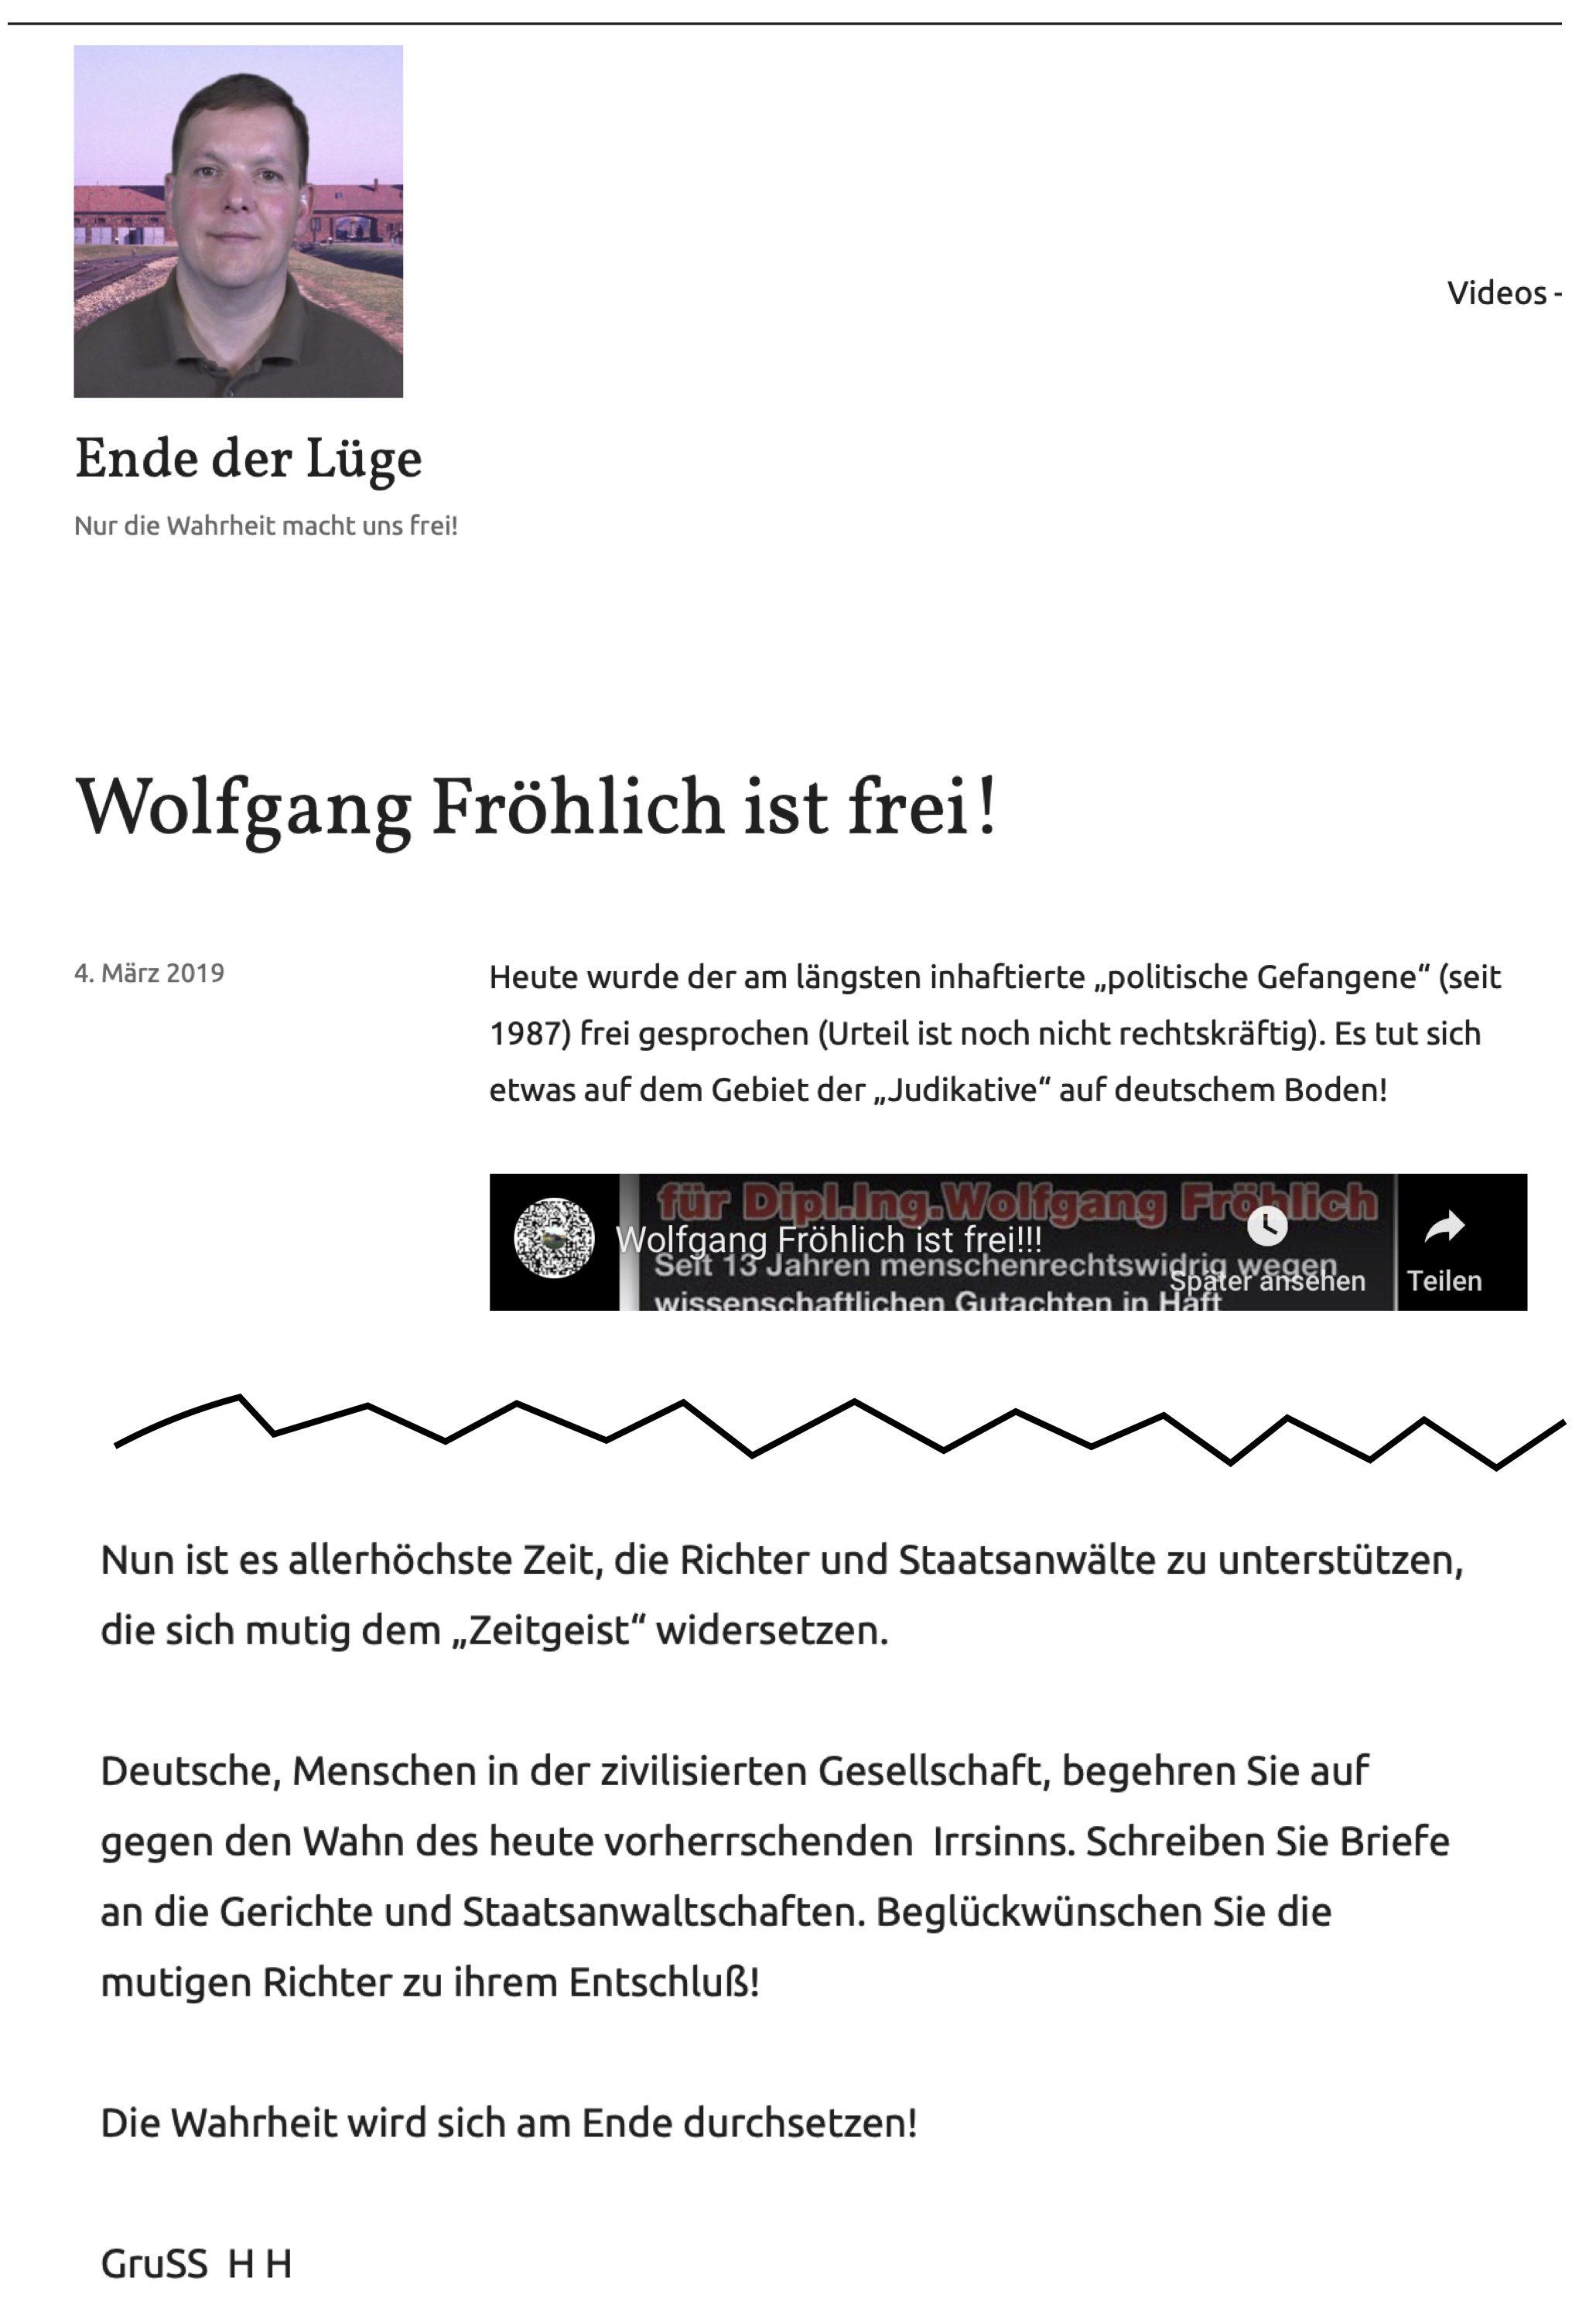 """""""Ende der Lüge"""" teilt Video des """"Thing-Kreis Themar"""" zu Fröhlichs Haftentlassung und ruft auf, """"Richter und Staatsanwälte zu unterstützen, die sich mutig dem 'Zeitgeist' widersetzen."""